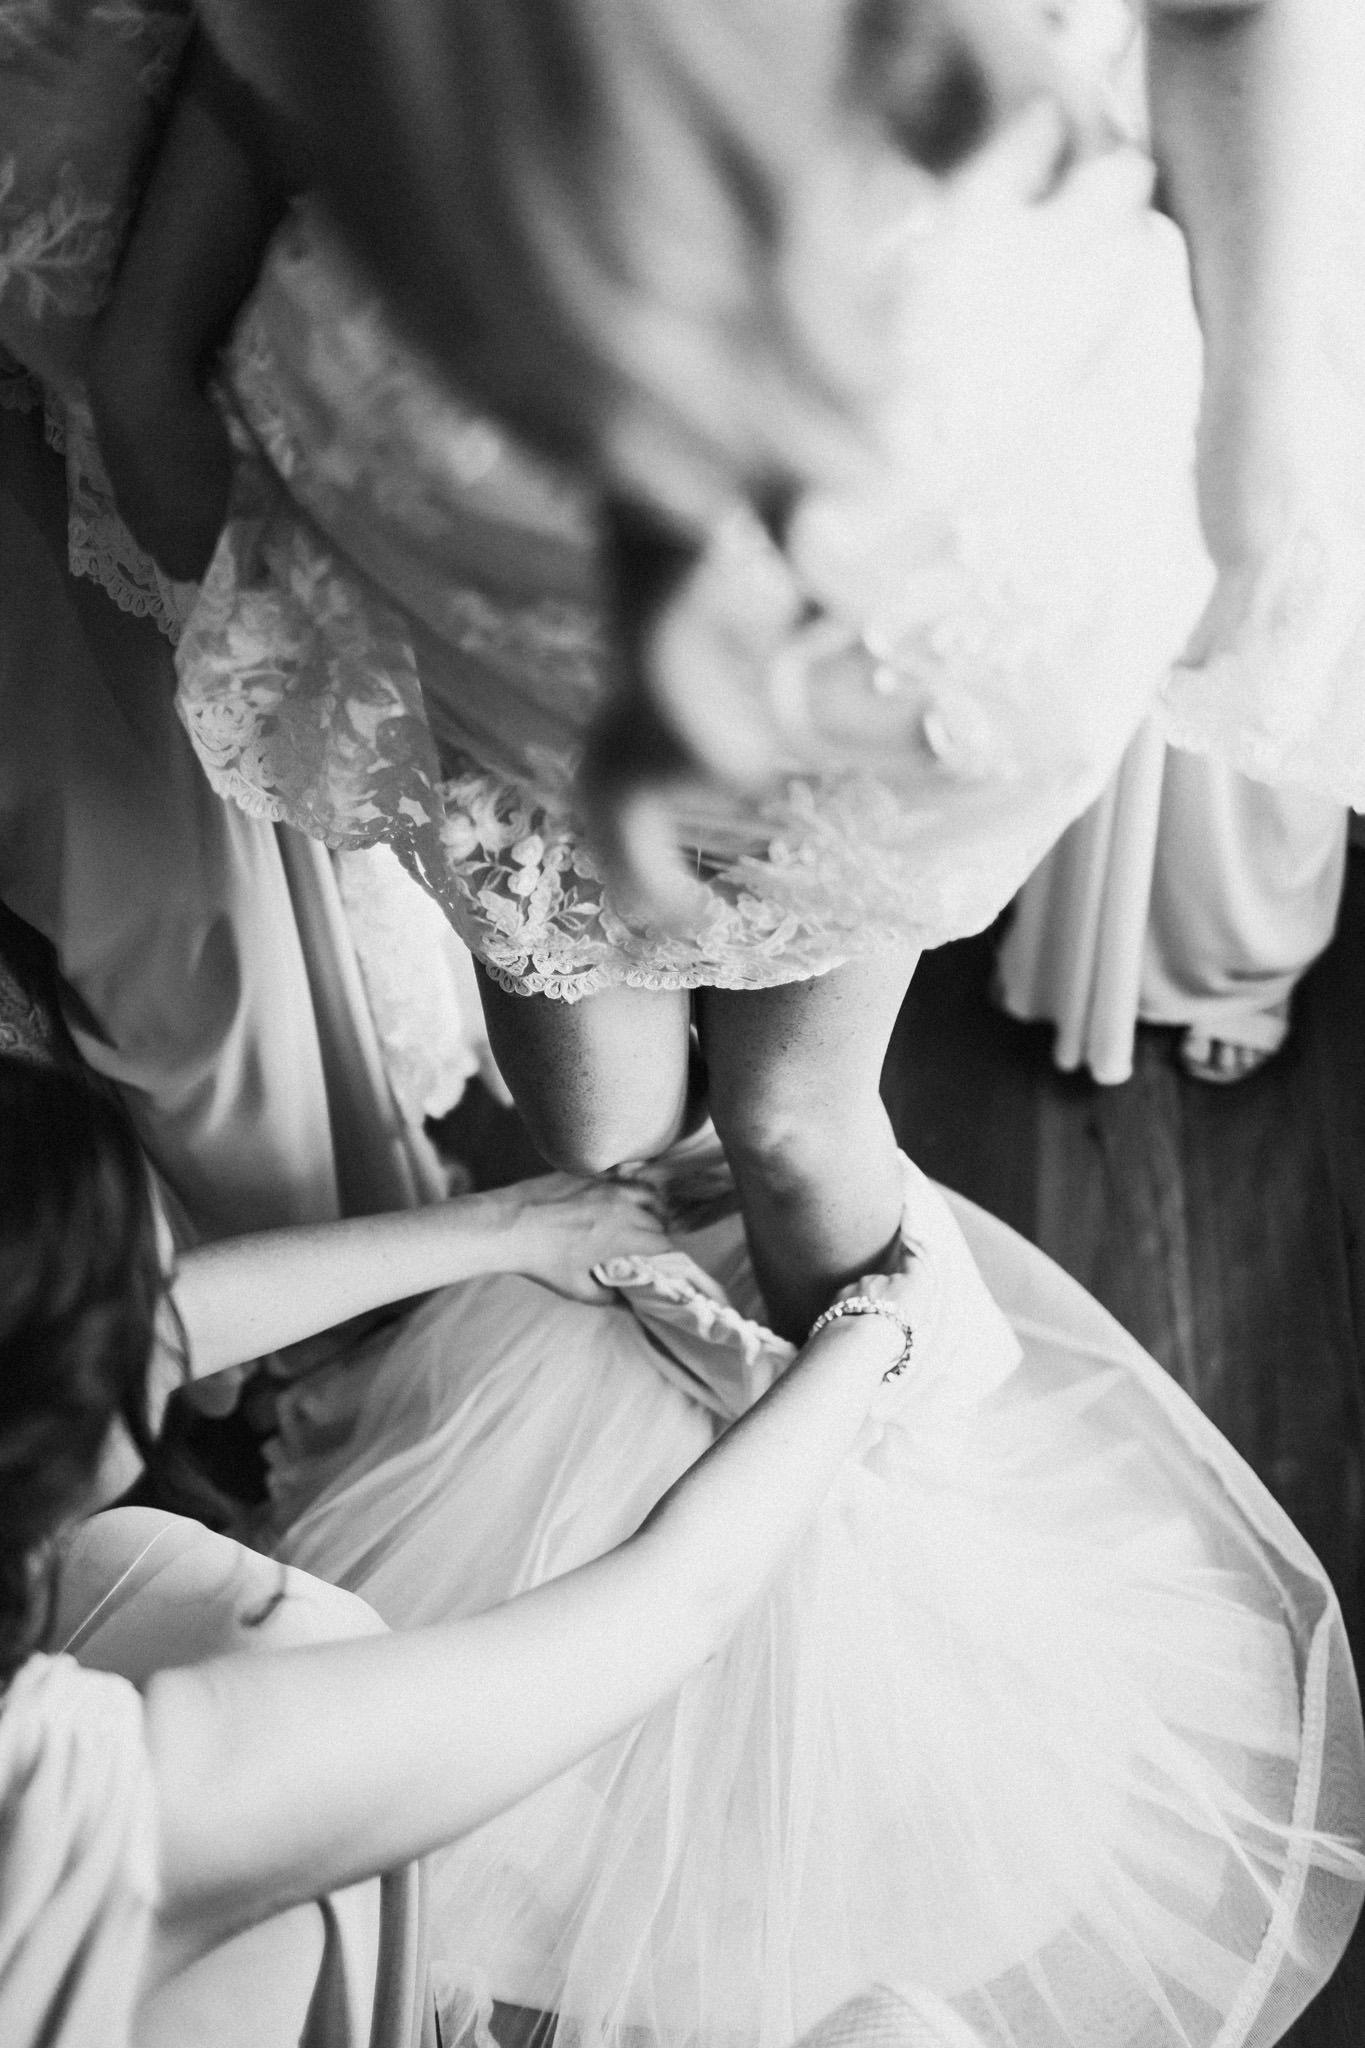 WeddingPhotos_Facebook_2048pixels-1016.jpg